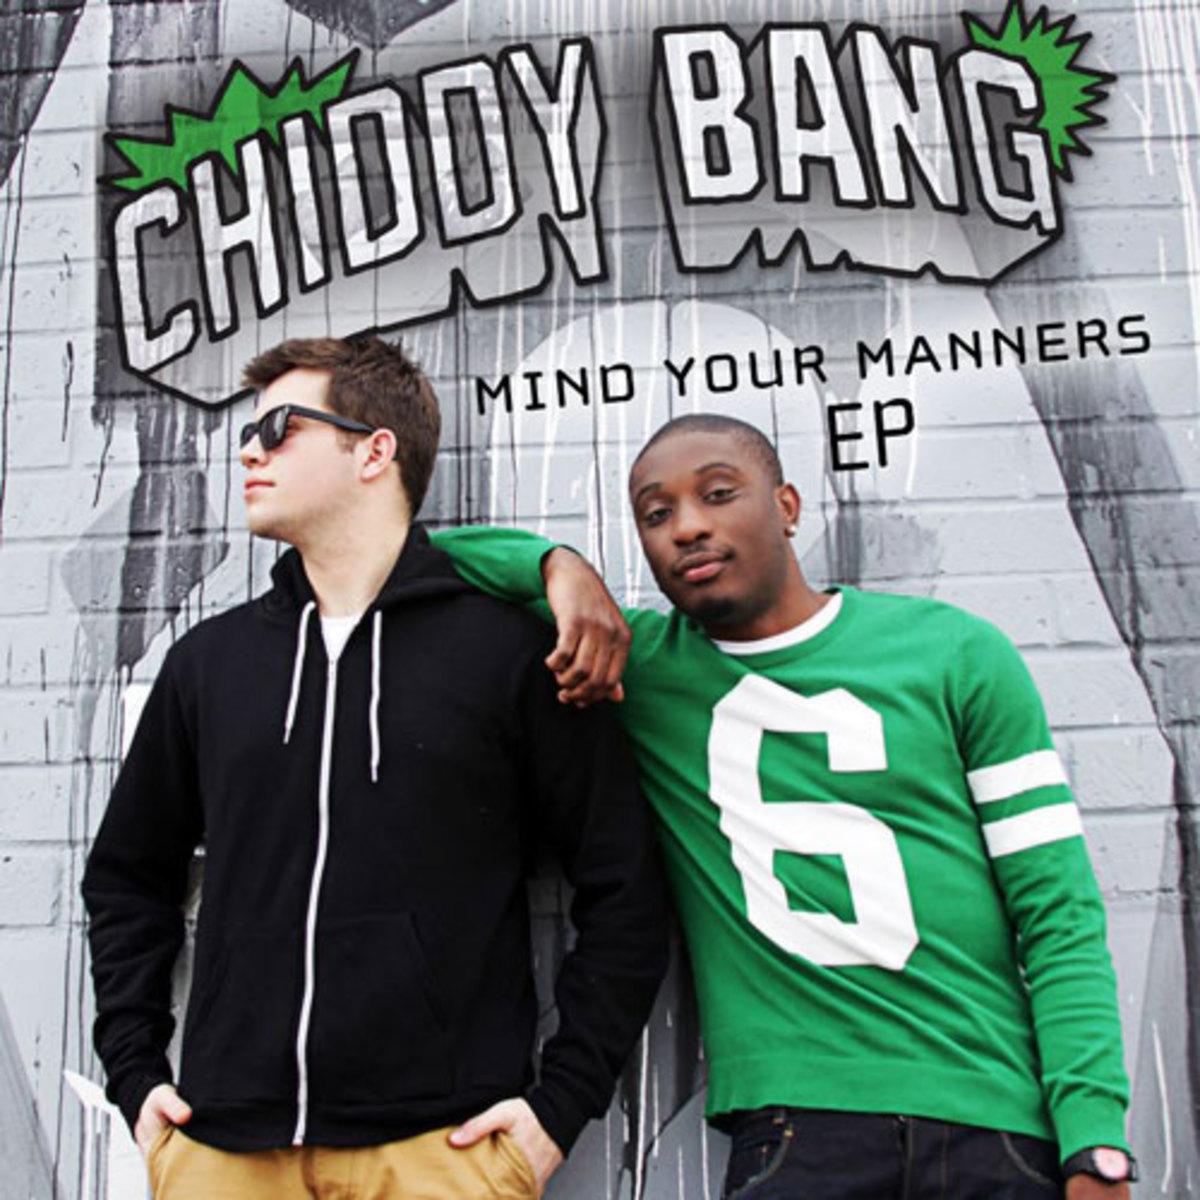 chiddybang-mindyourmannersep.jpg